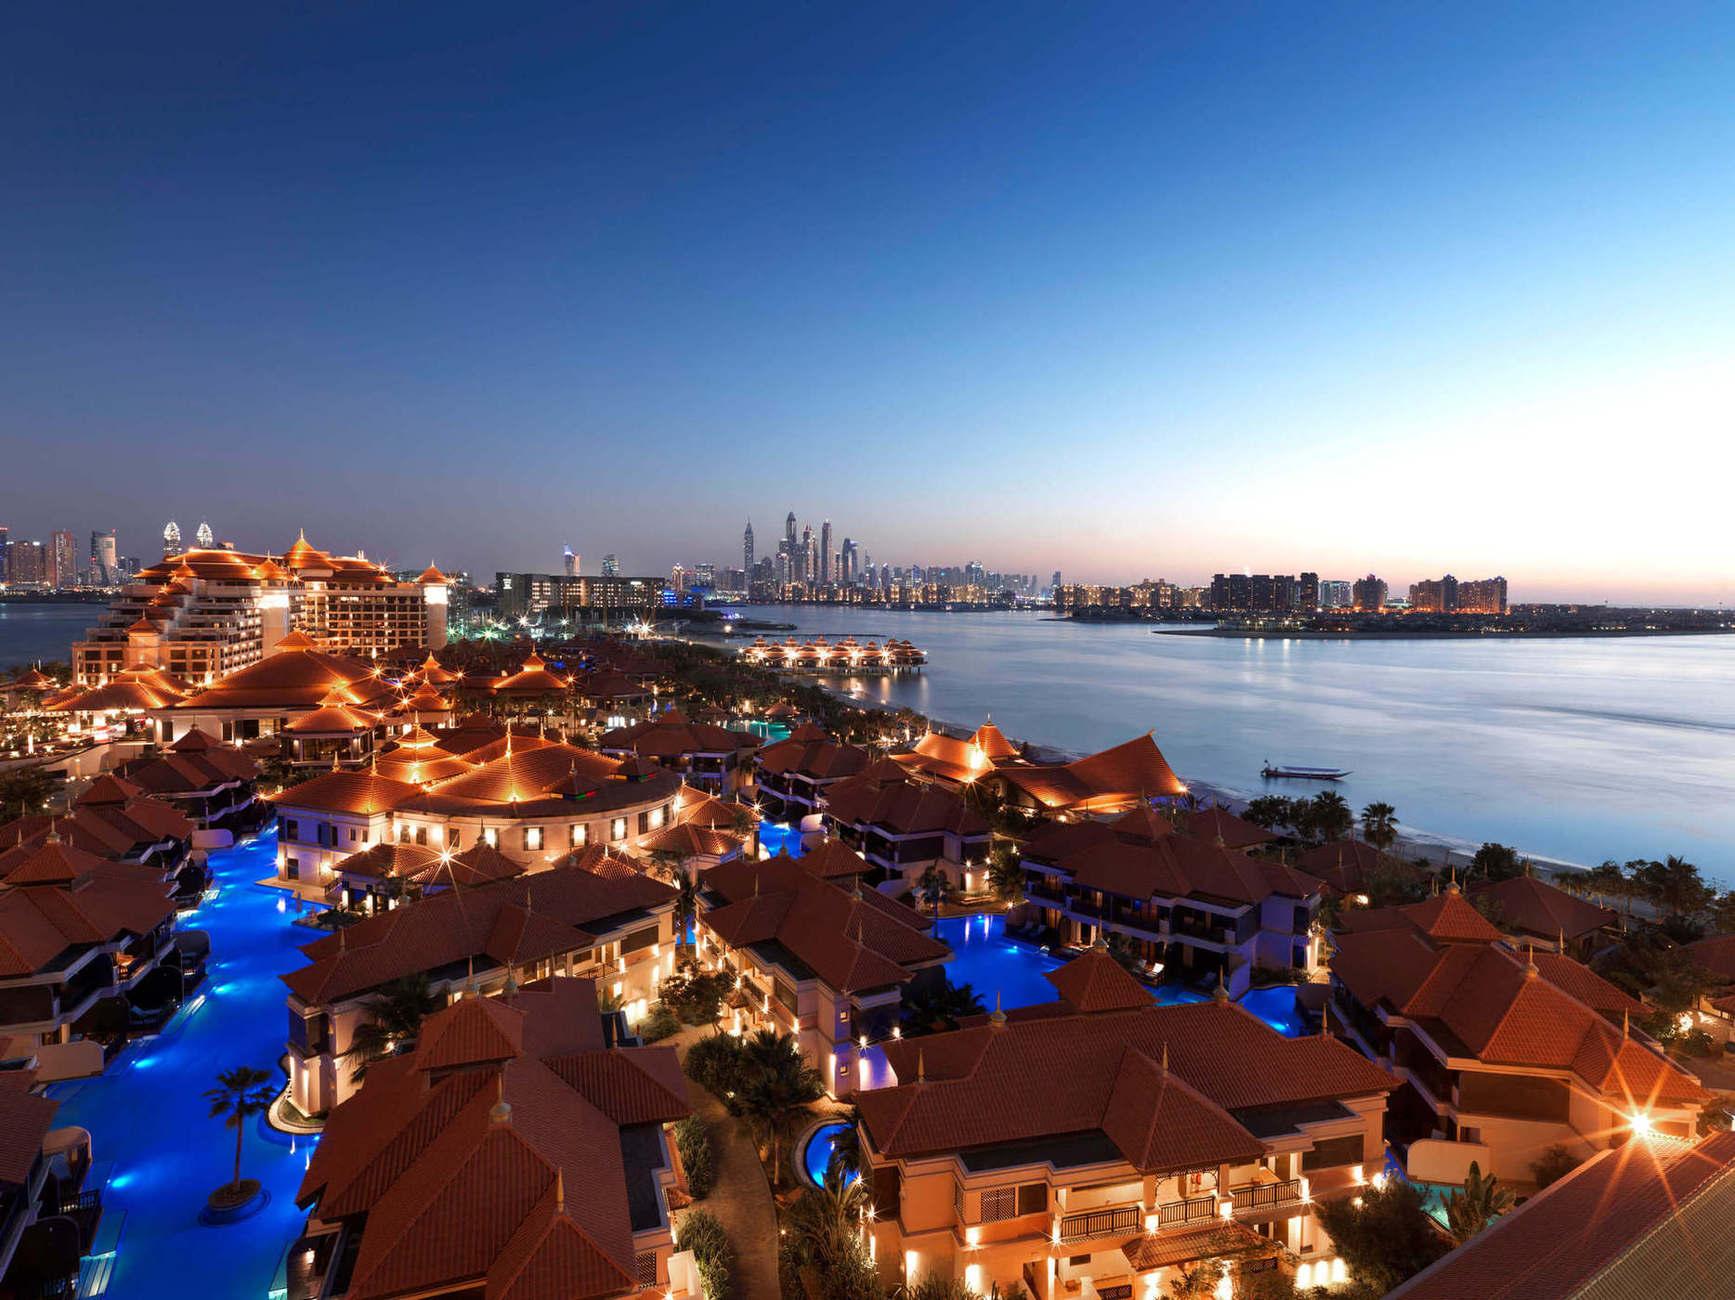 Готель розташований неподалік центру Дубаї, основних шопінг молів та цікавих місць міста.